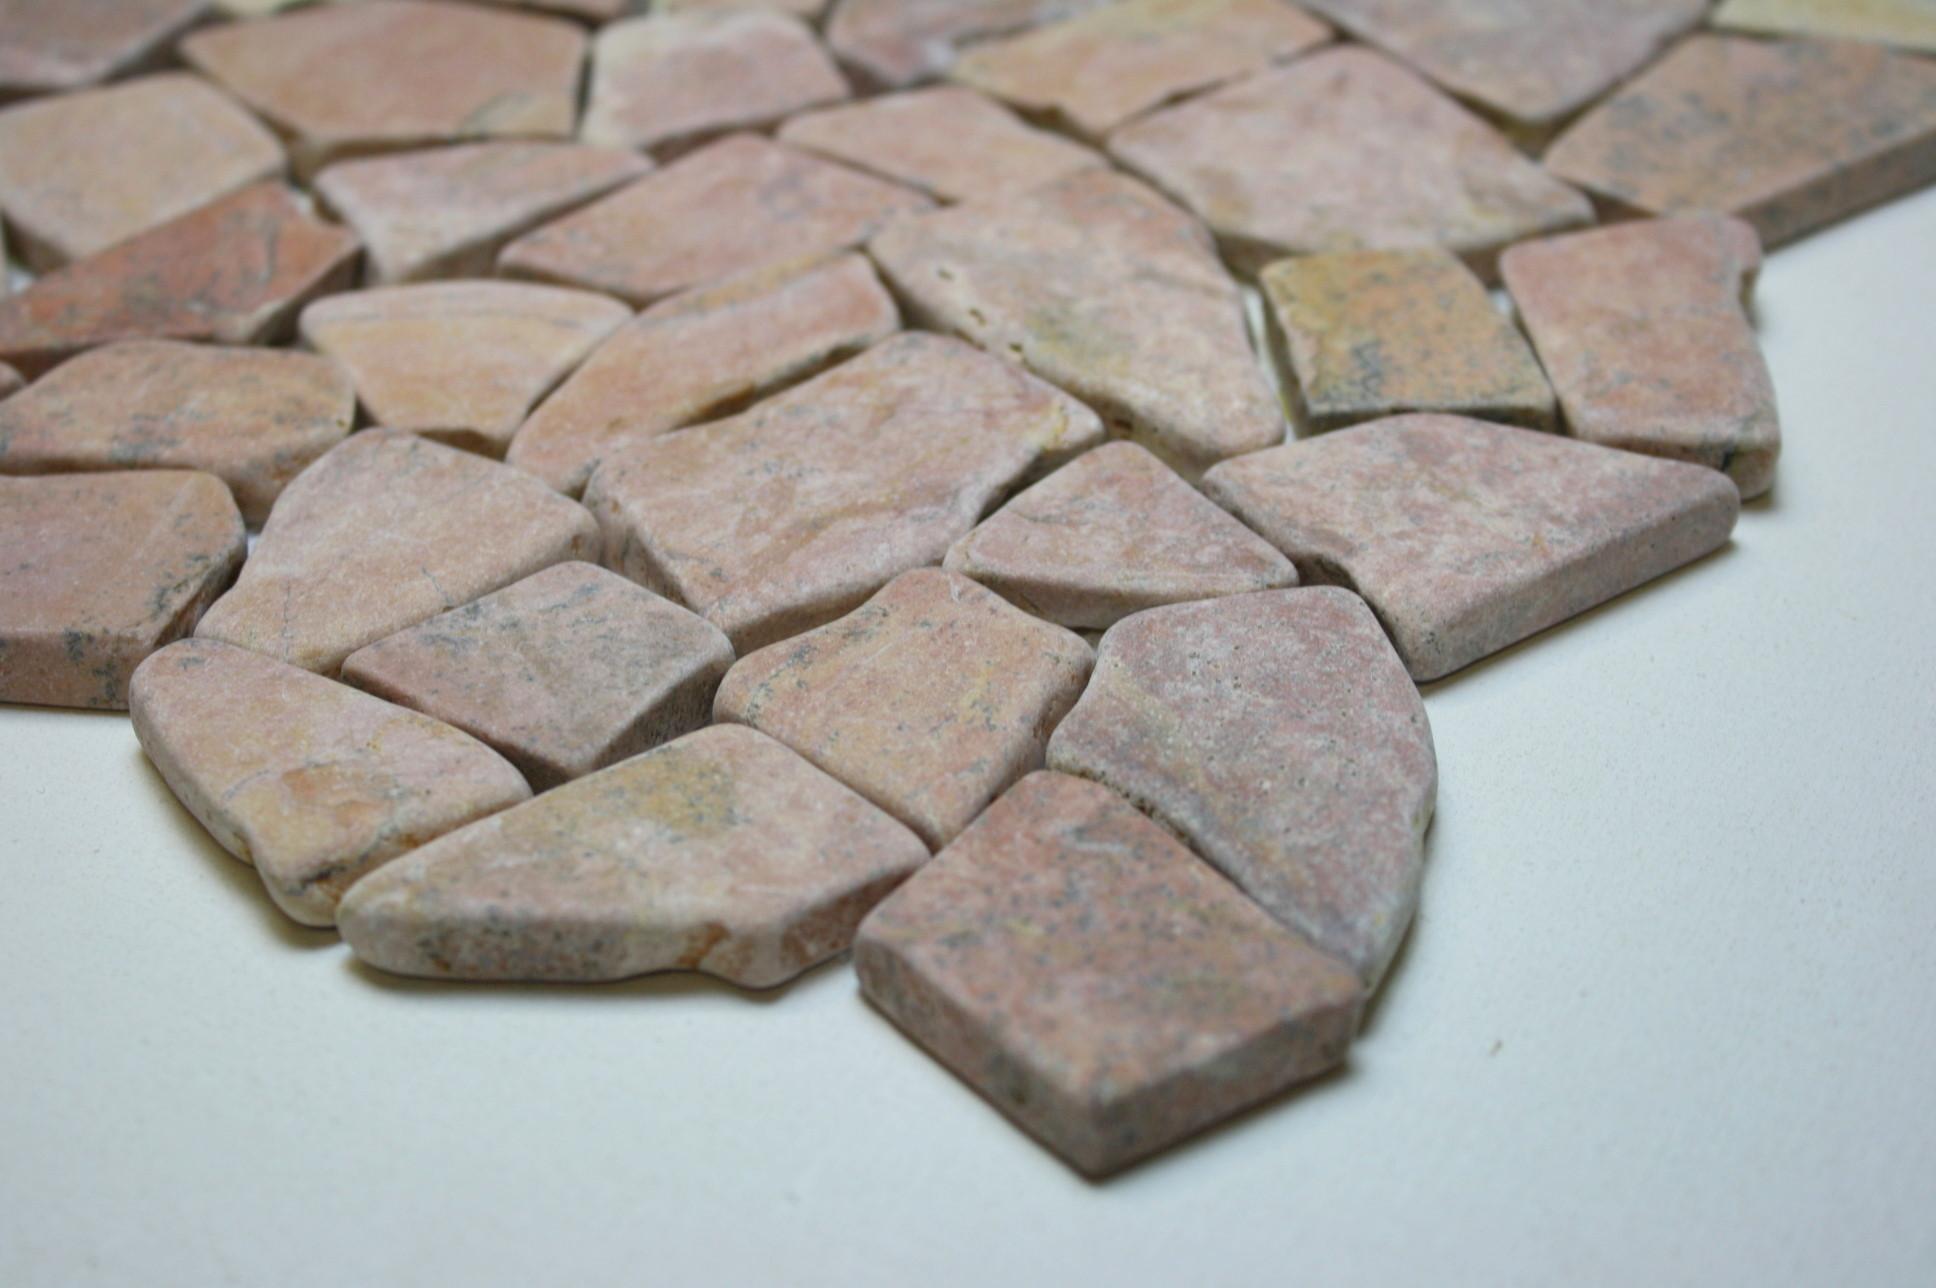 glaswand dusche reinigen stein mosaik dusche dieses bruchmosaik - Naturstein Mosaik Dusche Reinigen